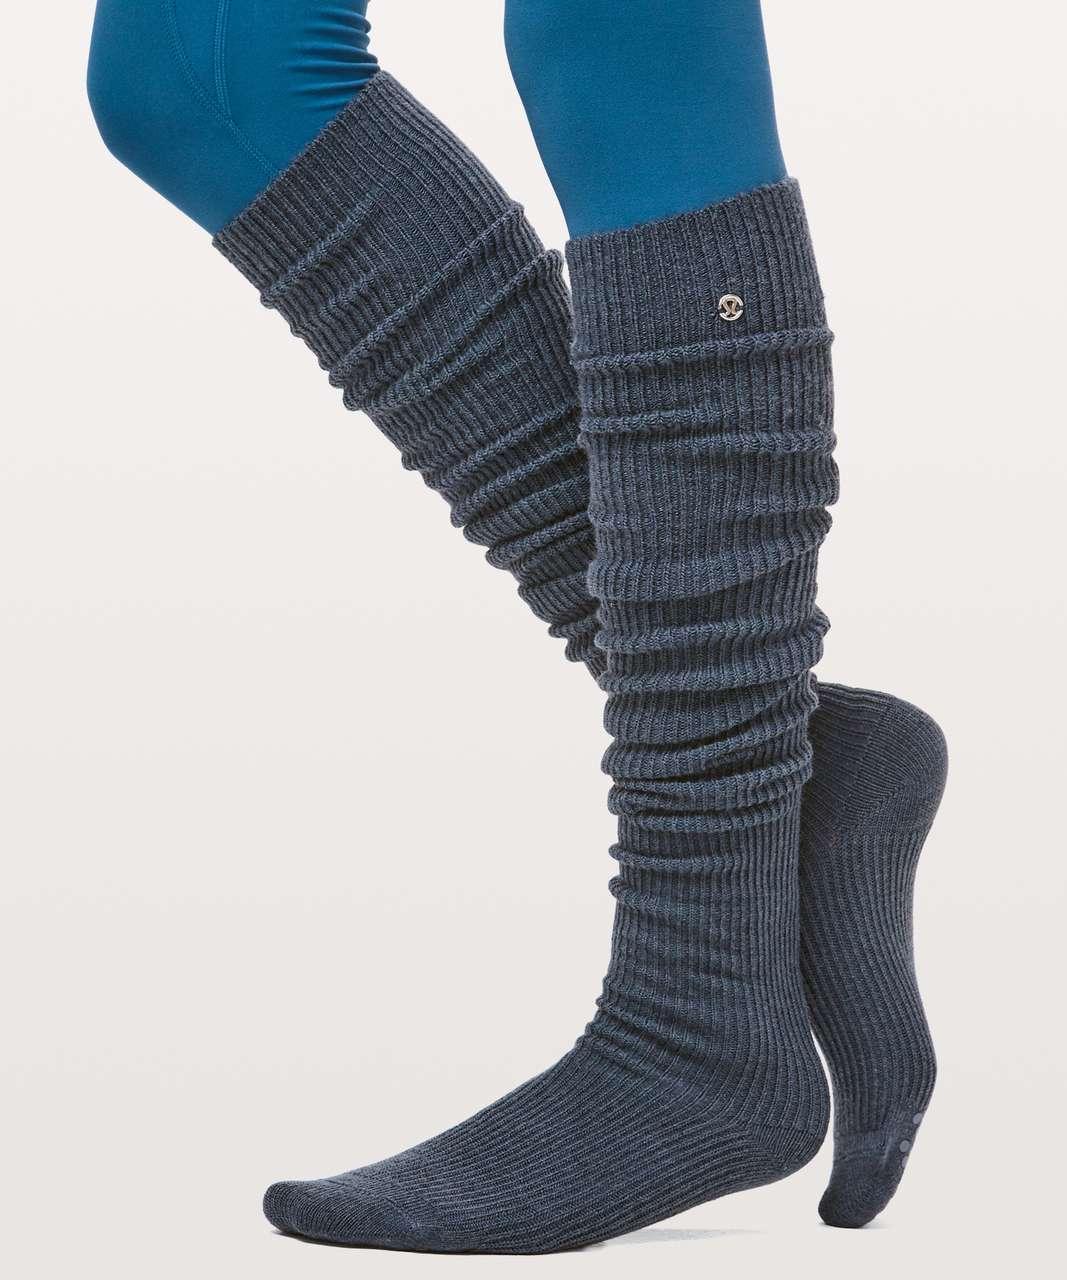 Lululemon Savasana Sock - Stone Blue